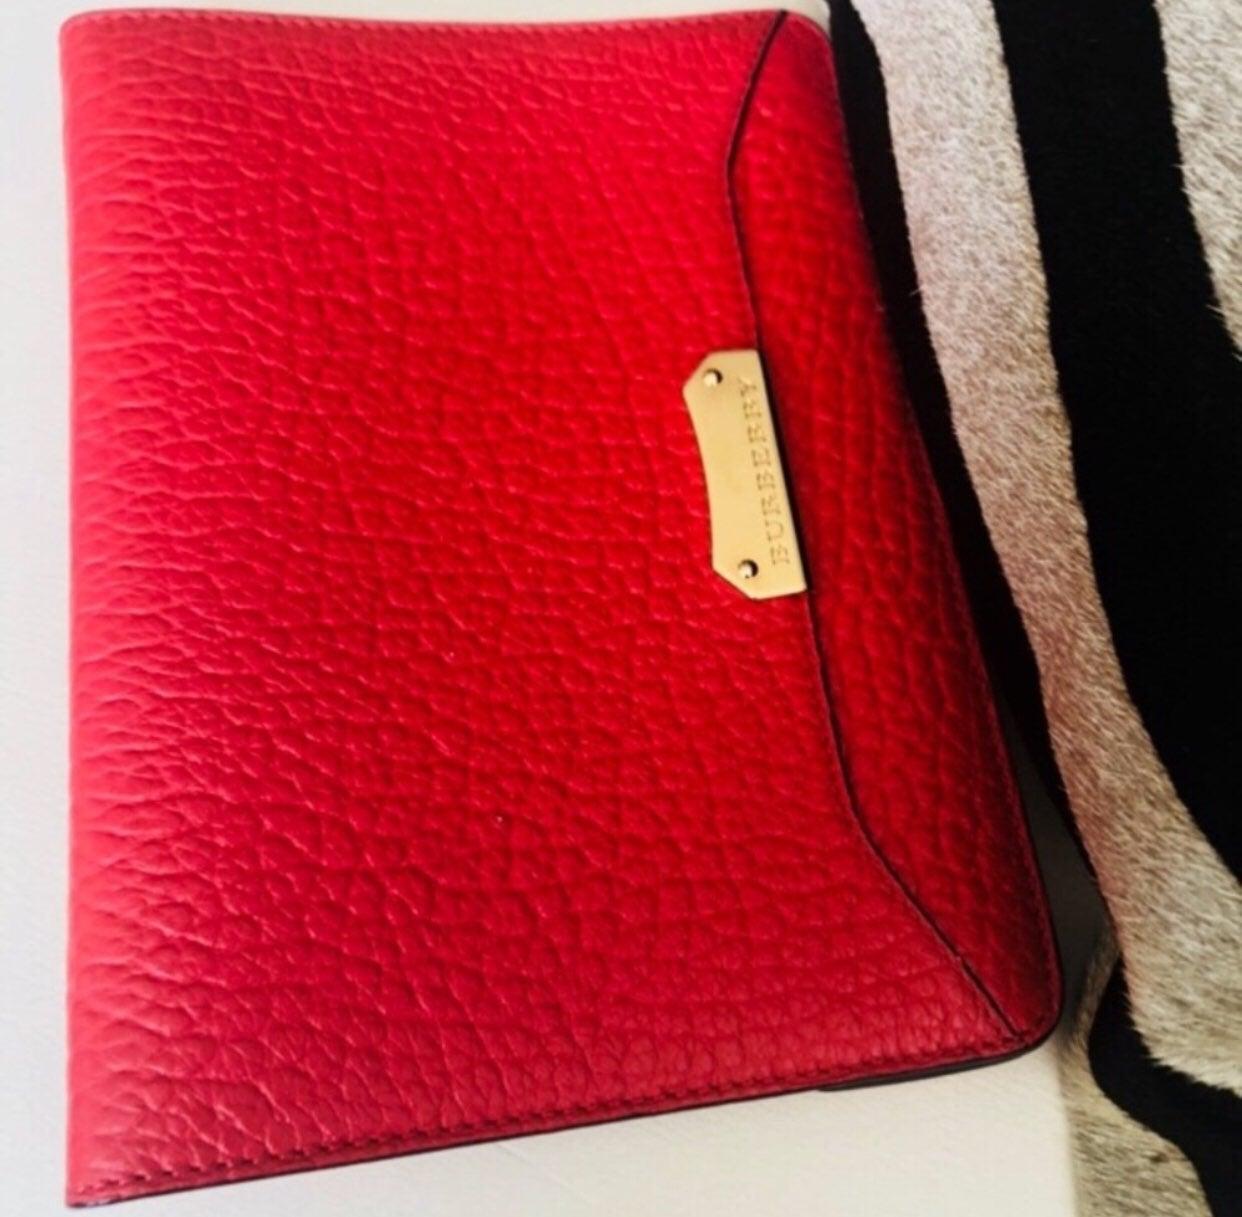 Burberry Leather ipad Mini cover $510